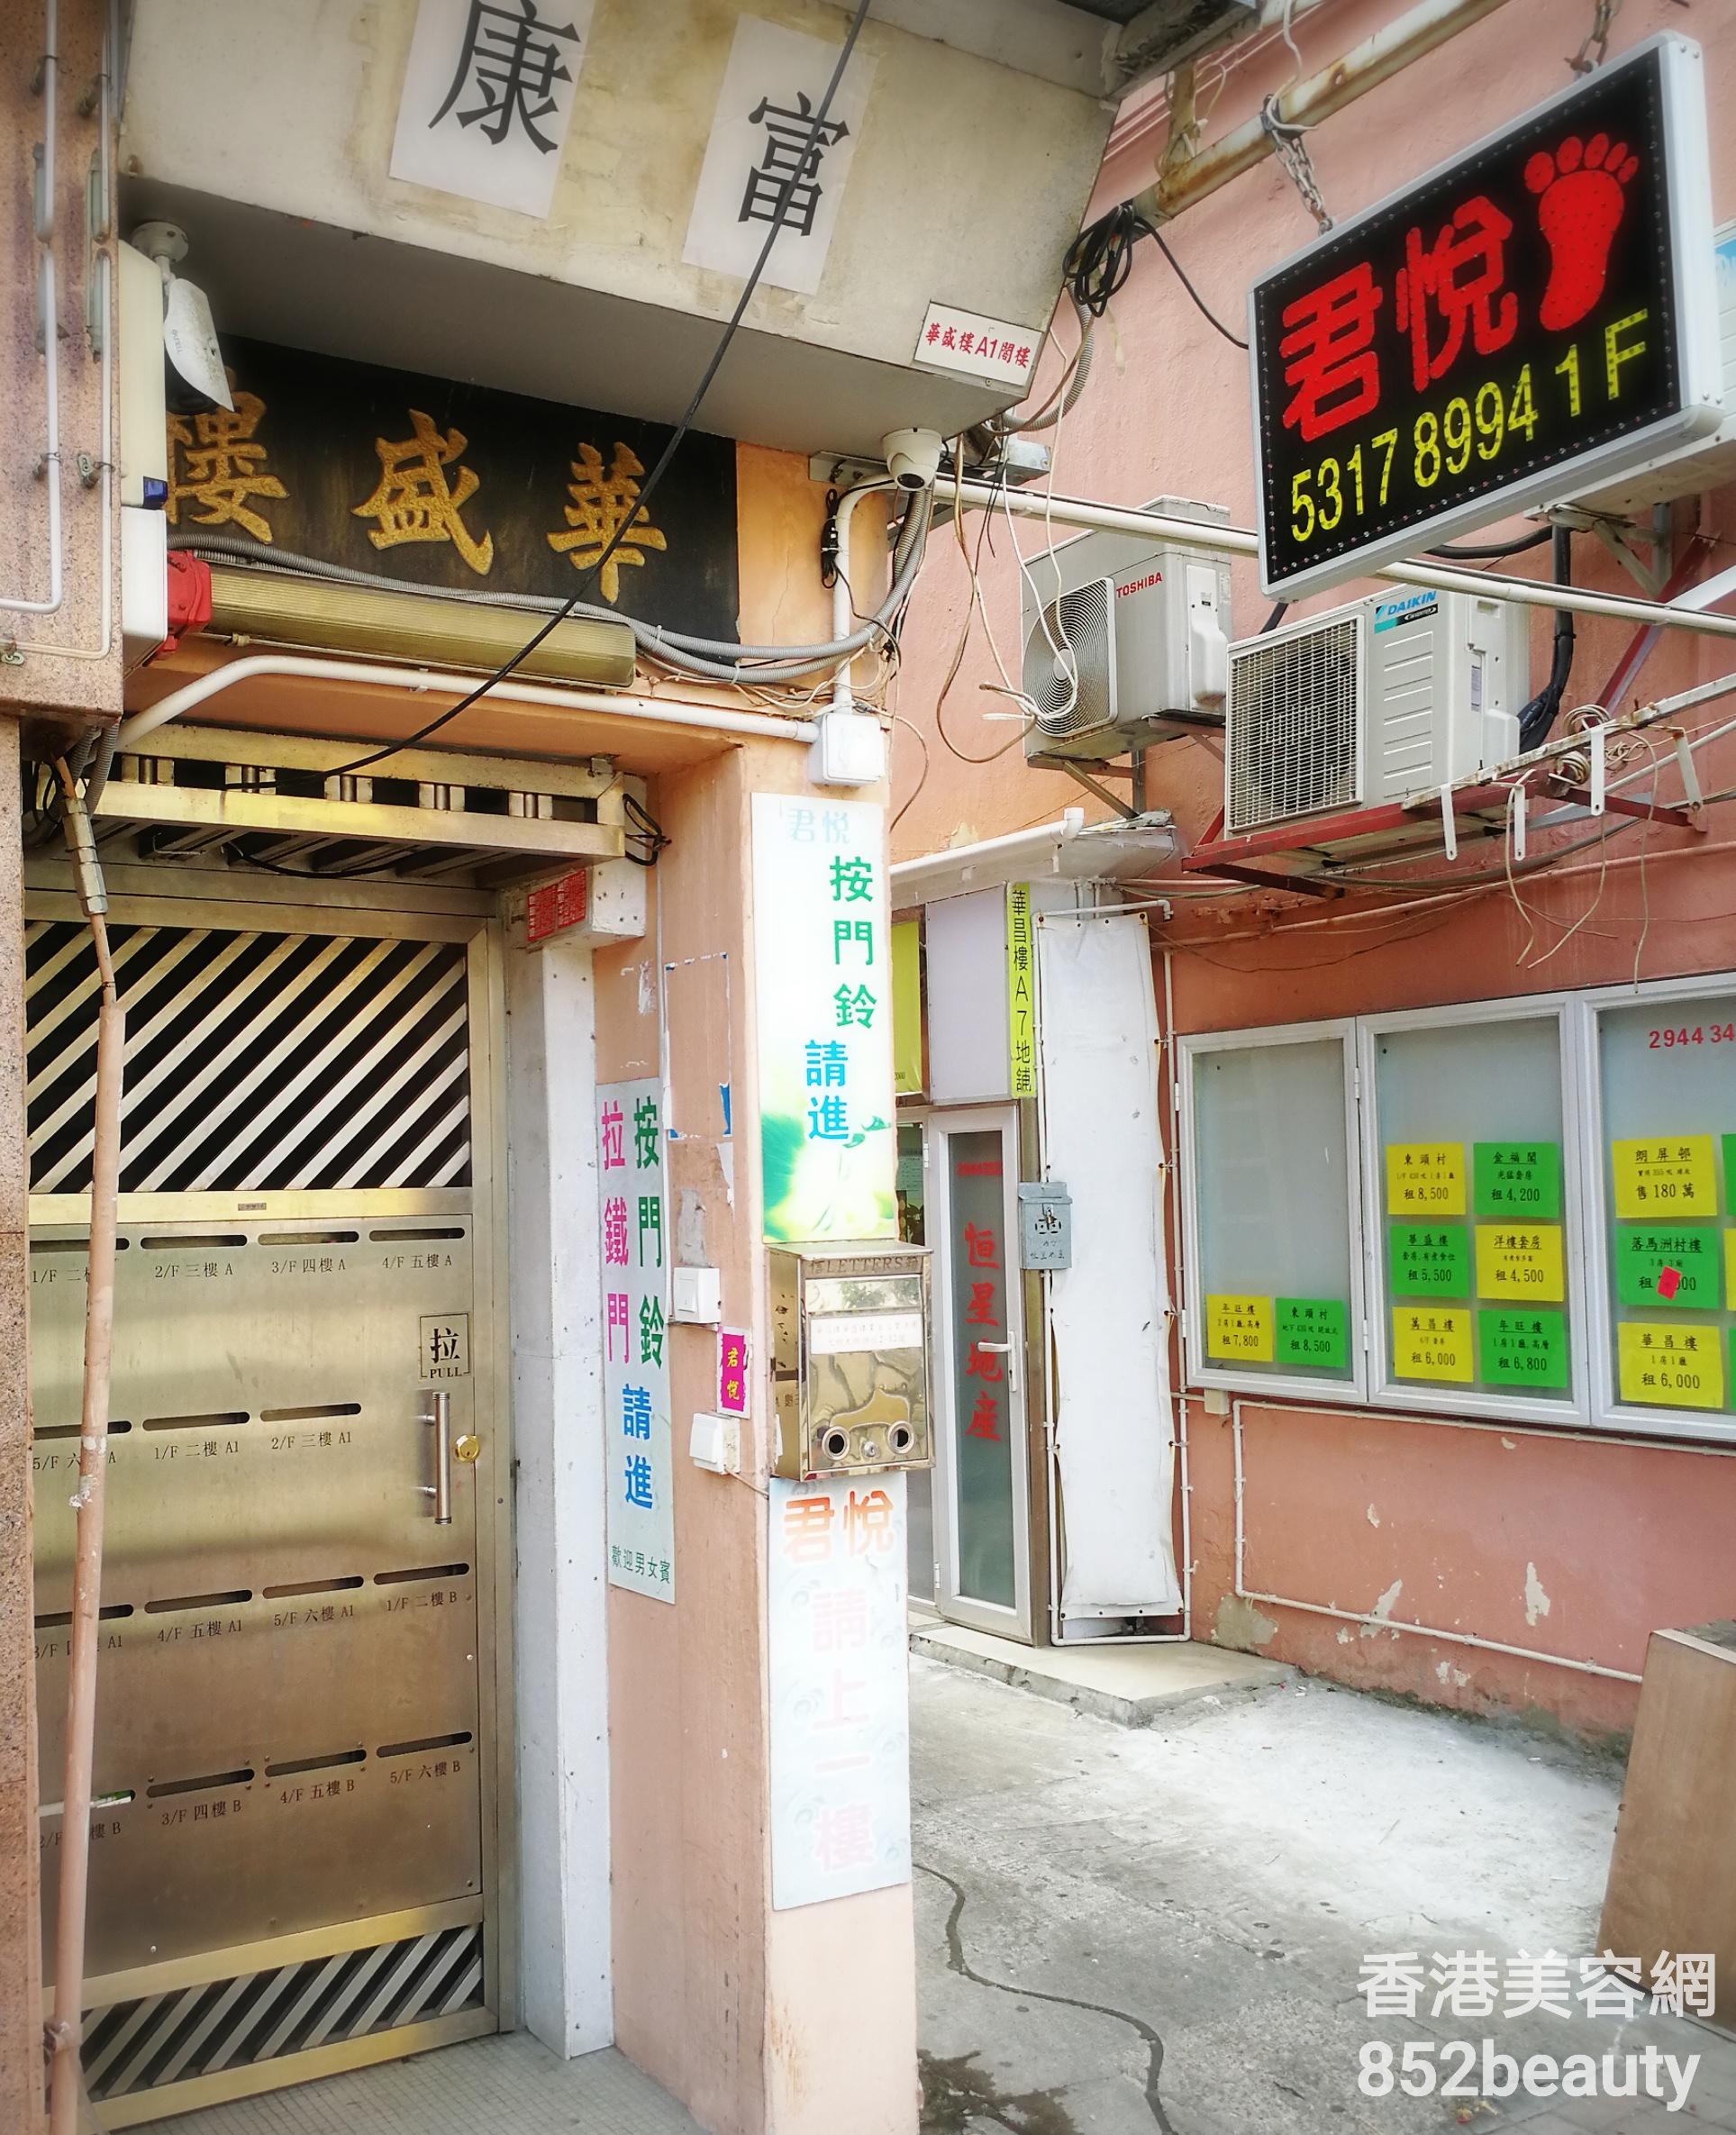 香港美容院 美容師 : 君悅 @青年創業軍